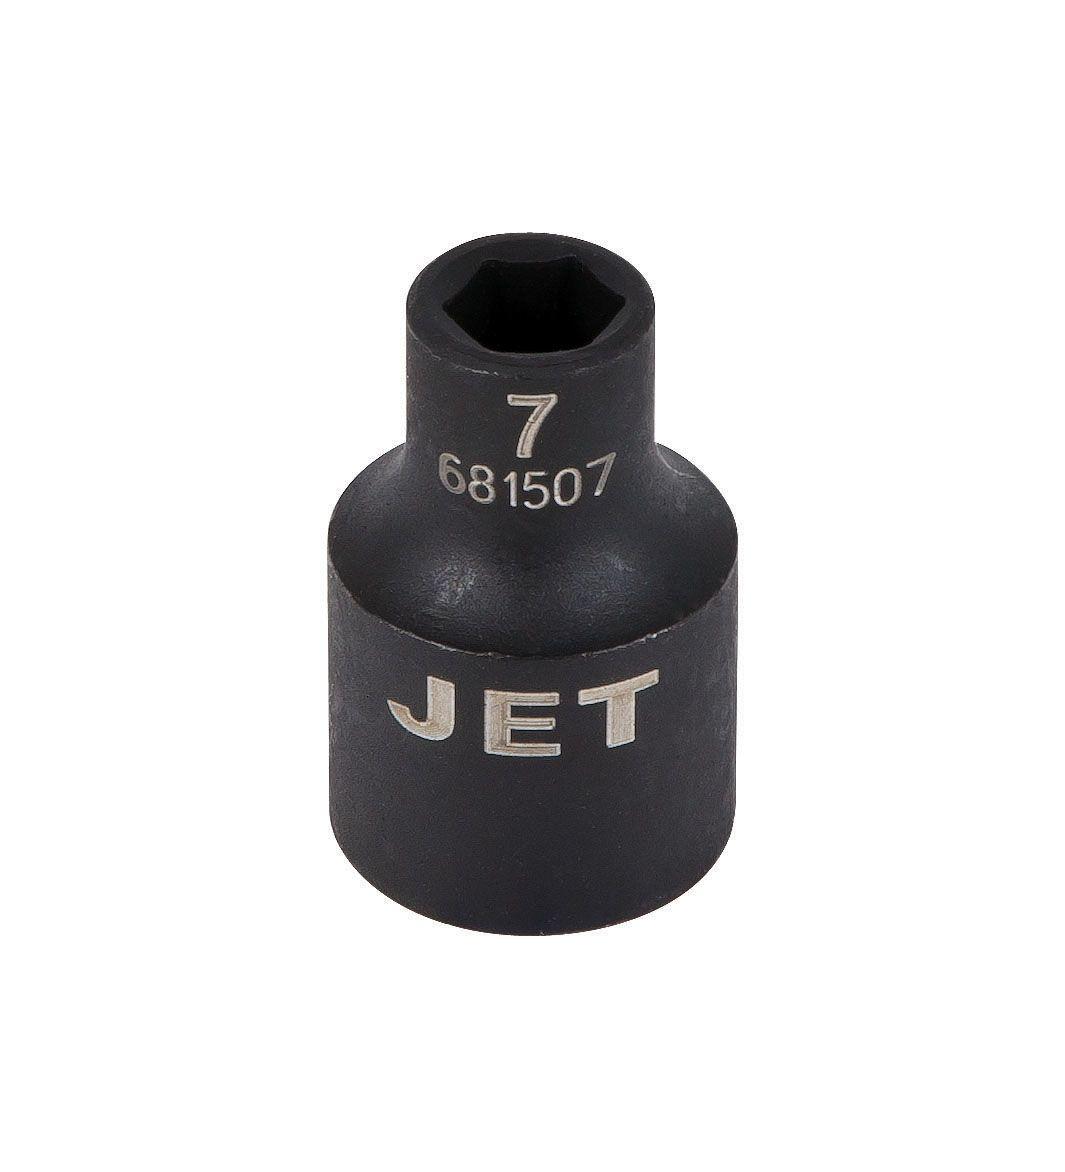 Jet 681513 Douille à chocs 13mm x 6 pans courte à prise 3/8